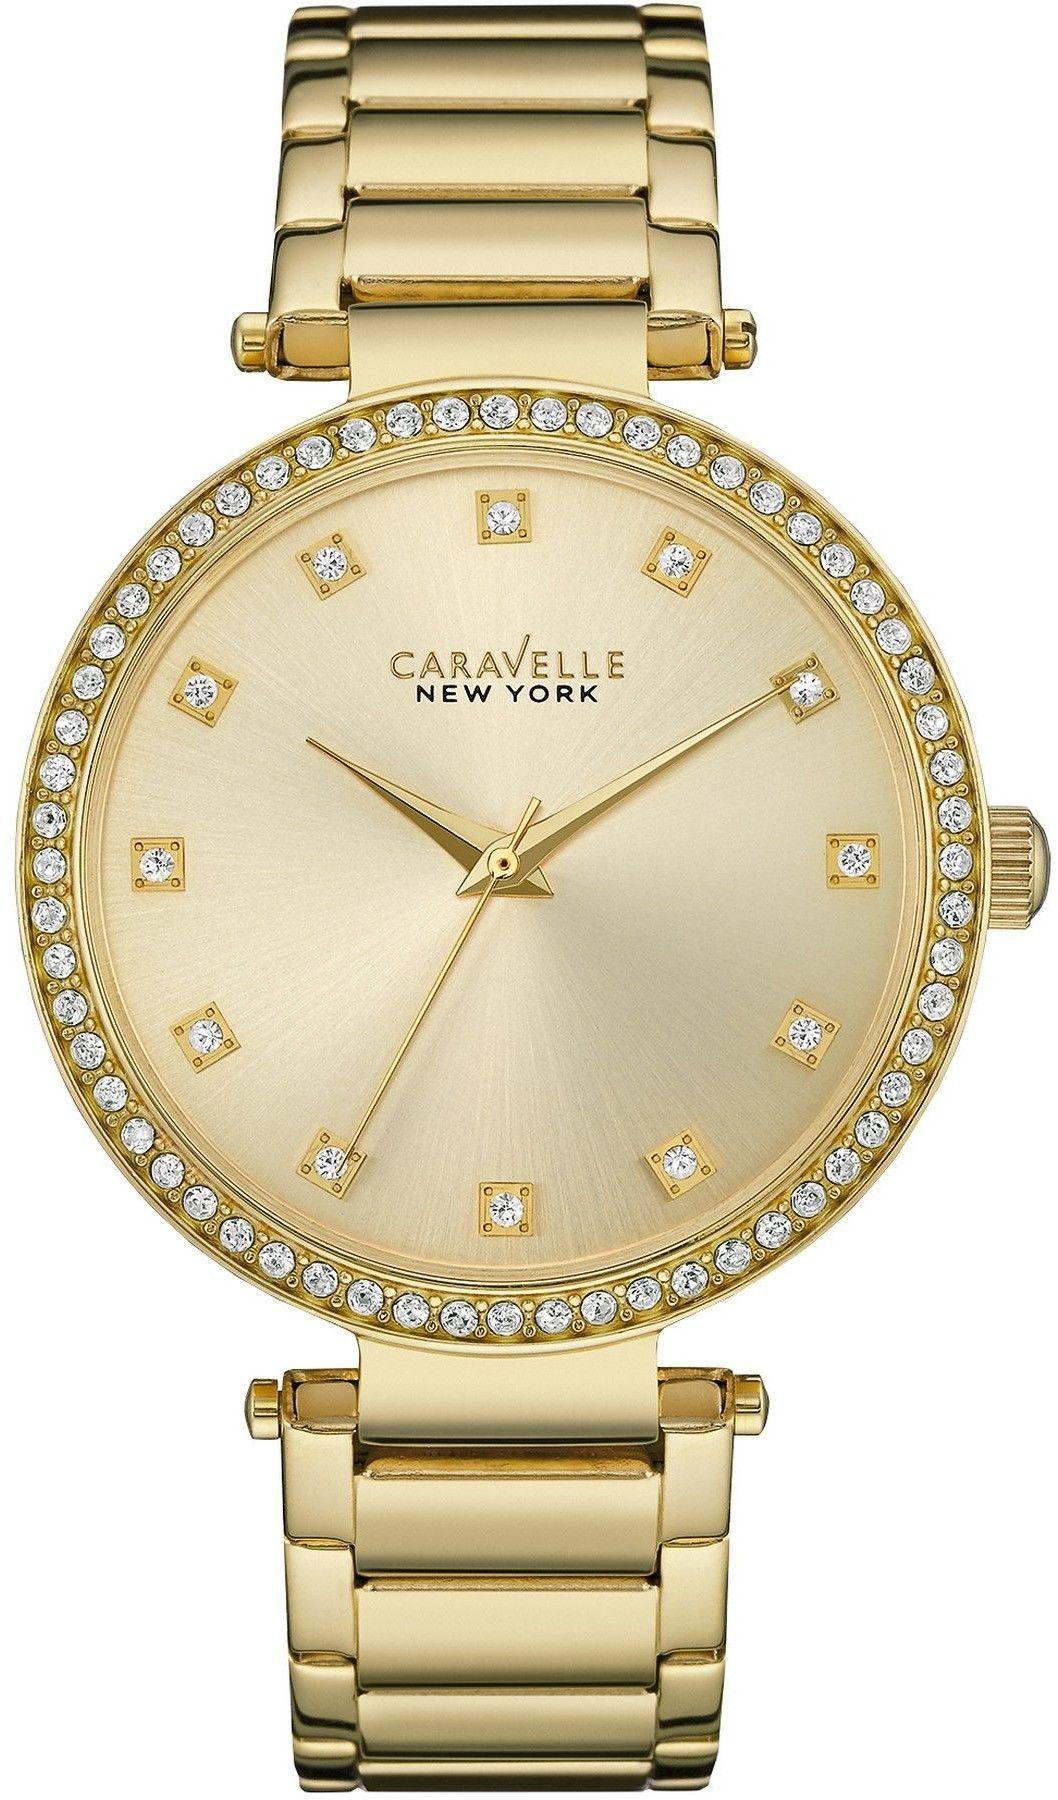 Zegarek Caravelle 44L209 - CENA DO NEGOCJACJI - DOSTAWA DHL GRATIS, KUPUJ BEZ RYZYKA - 100 dni na zwrot, możliwość wygrawerowania dowolnego tekstu.